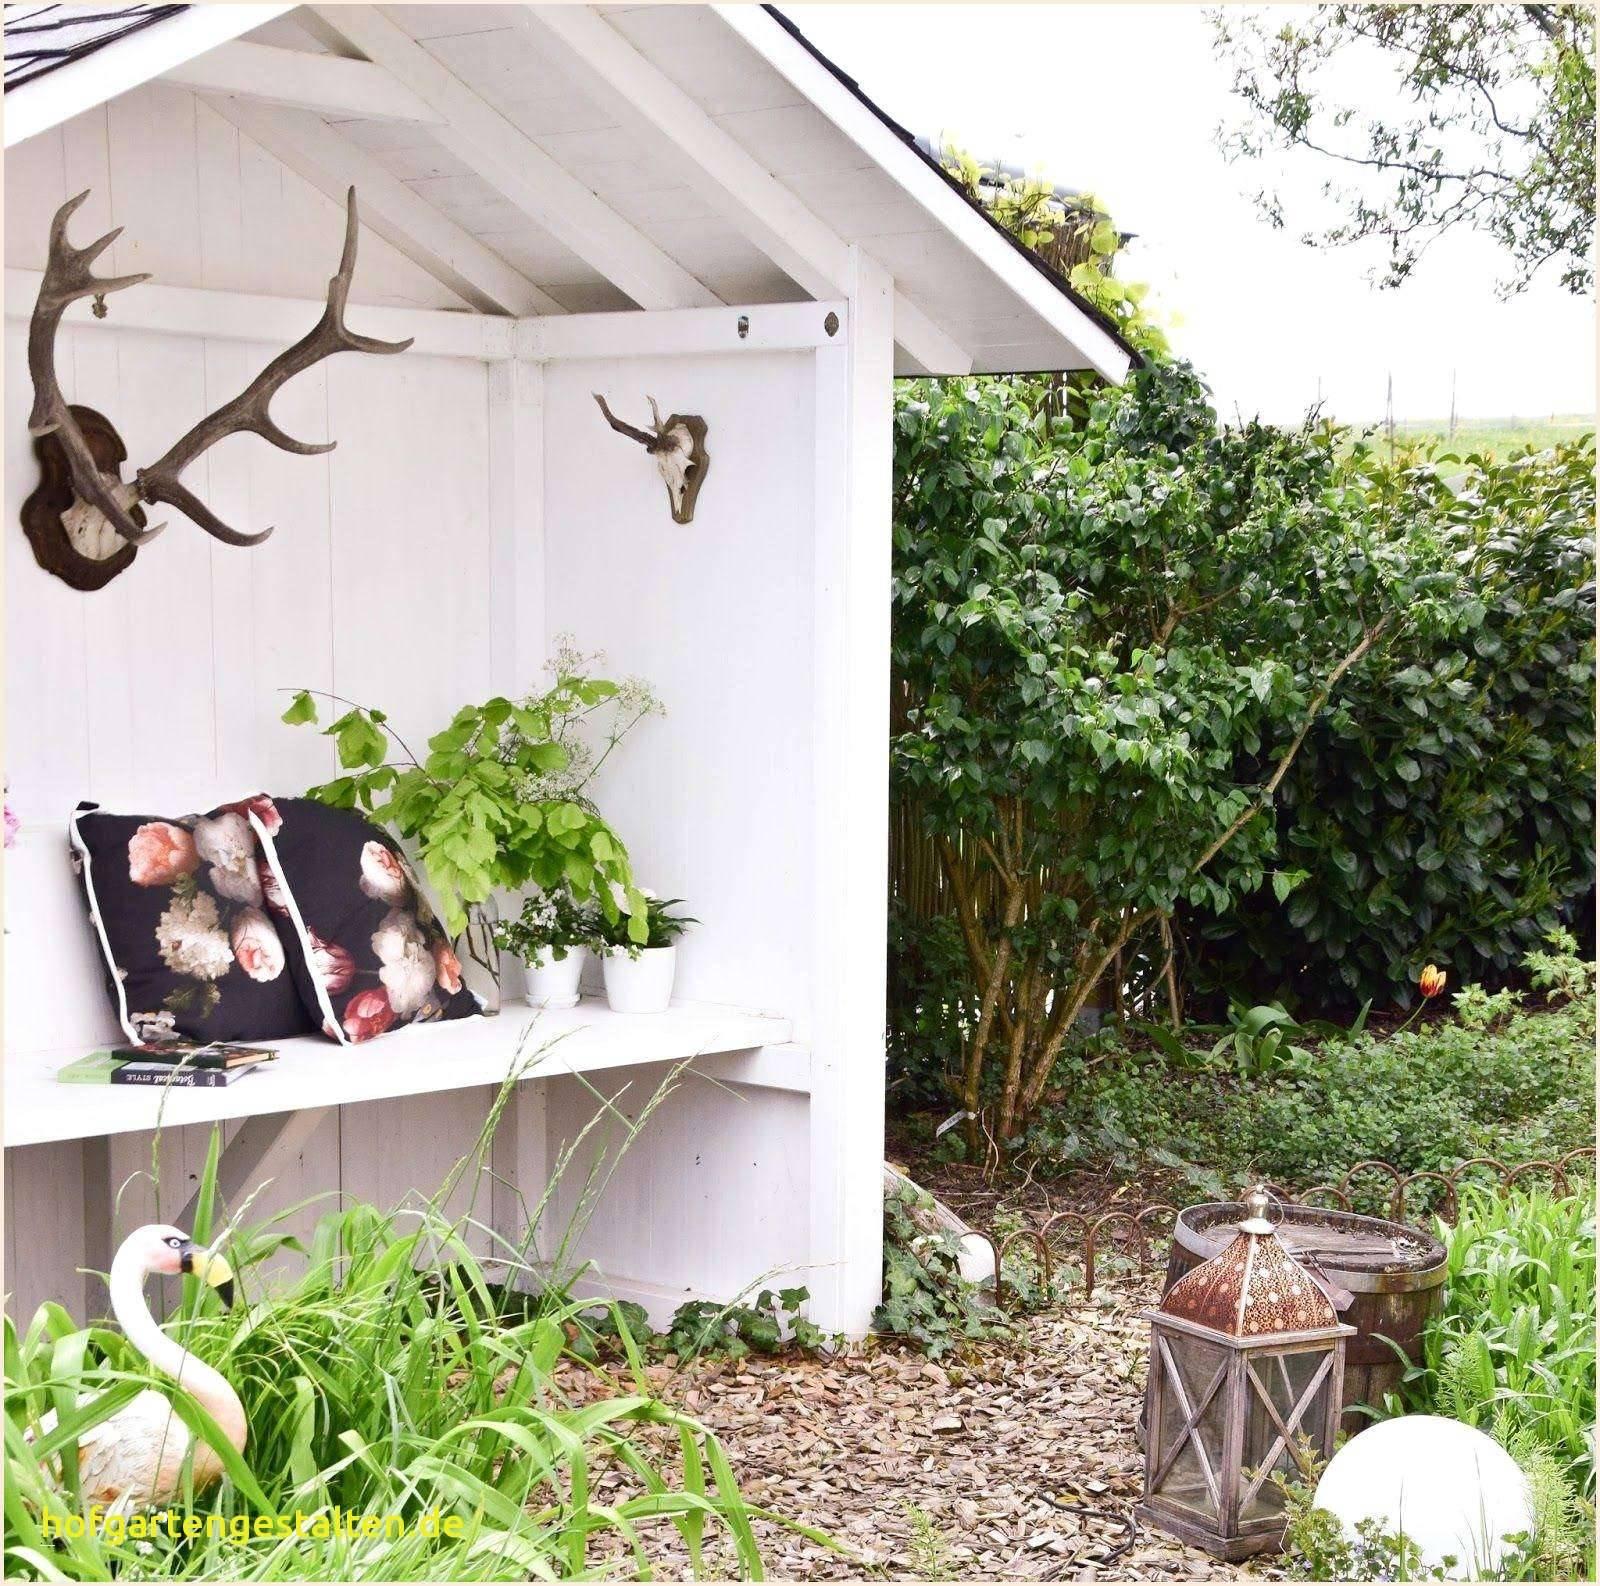 deko fur wohnzimmer ideen luxury 32 luxus dekoration fur garten of deko fur wohnzimmer ideen